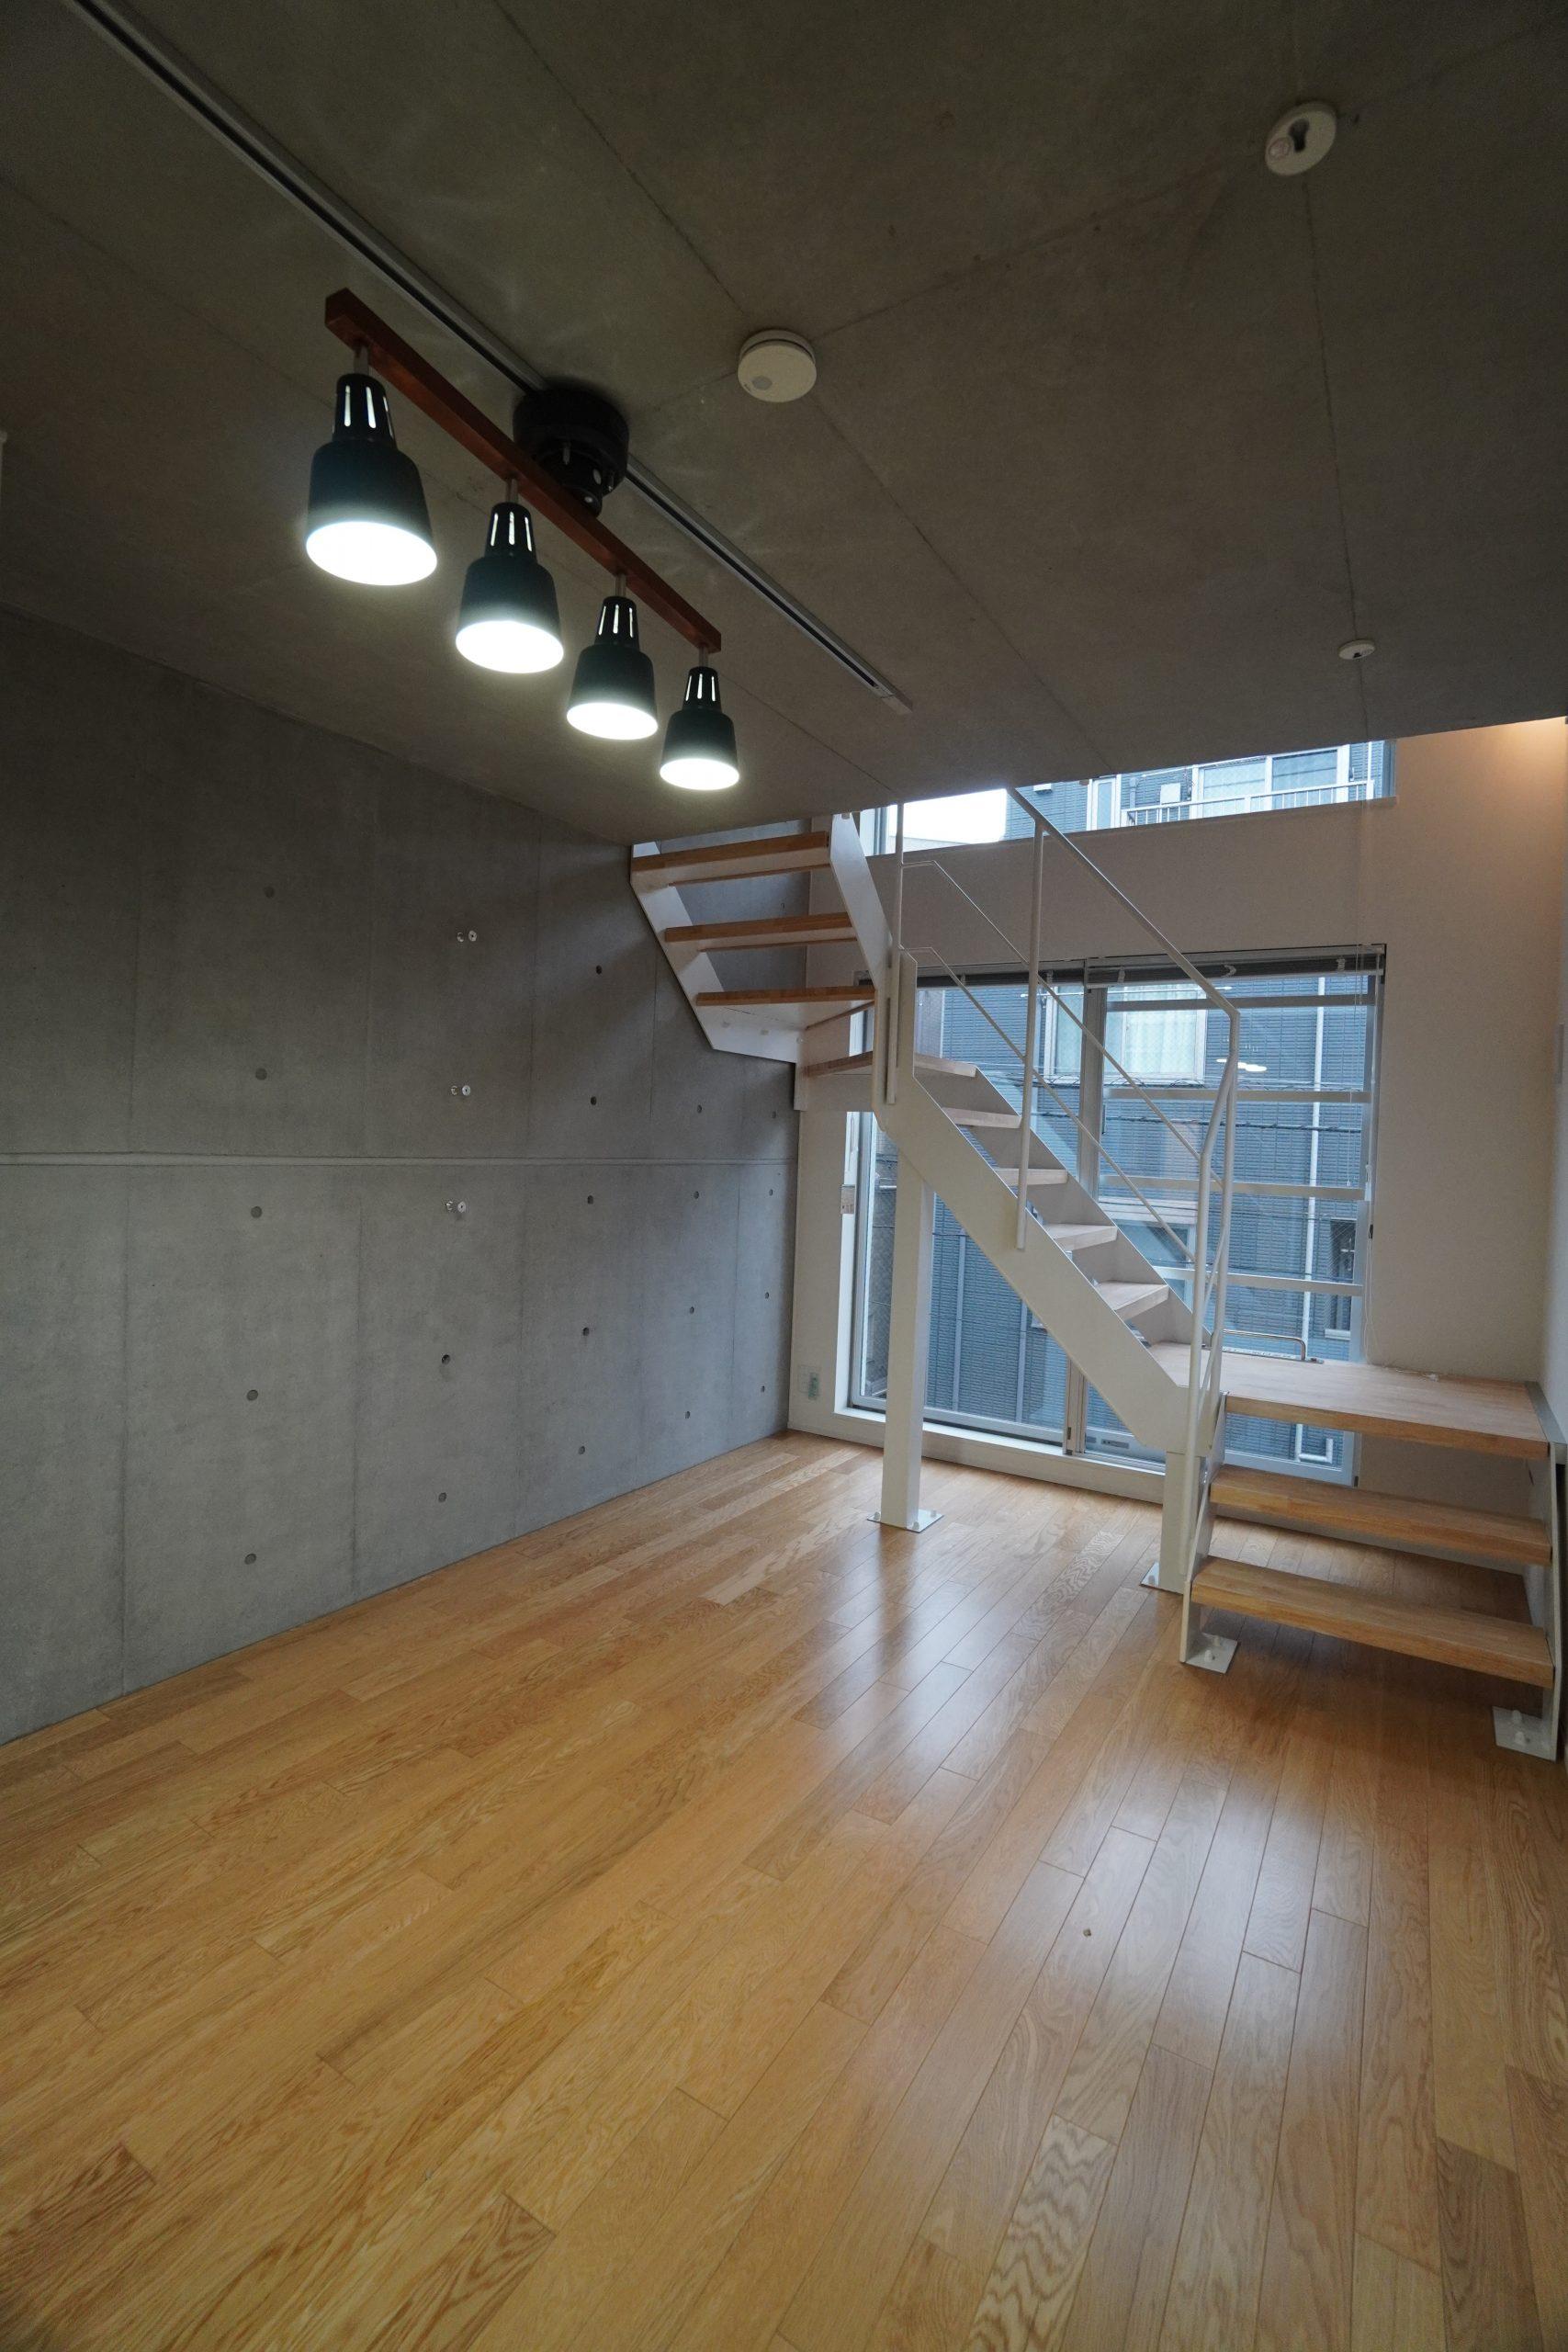 PASEO新宿三丁目I 301の写真2